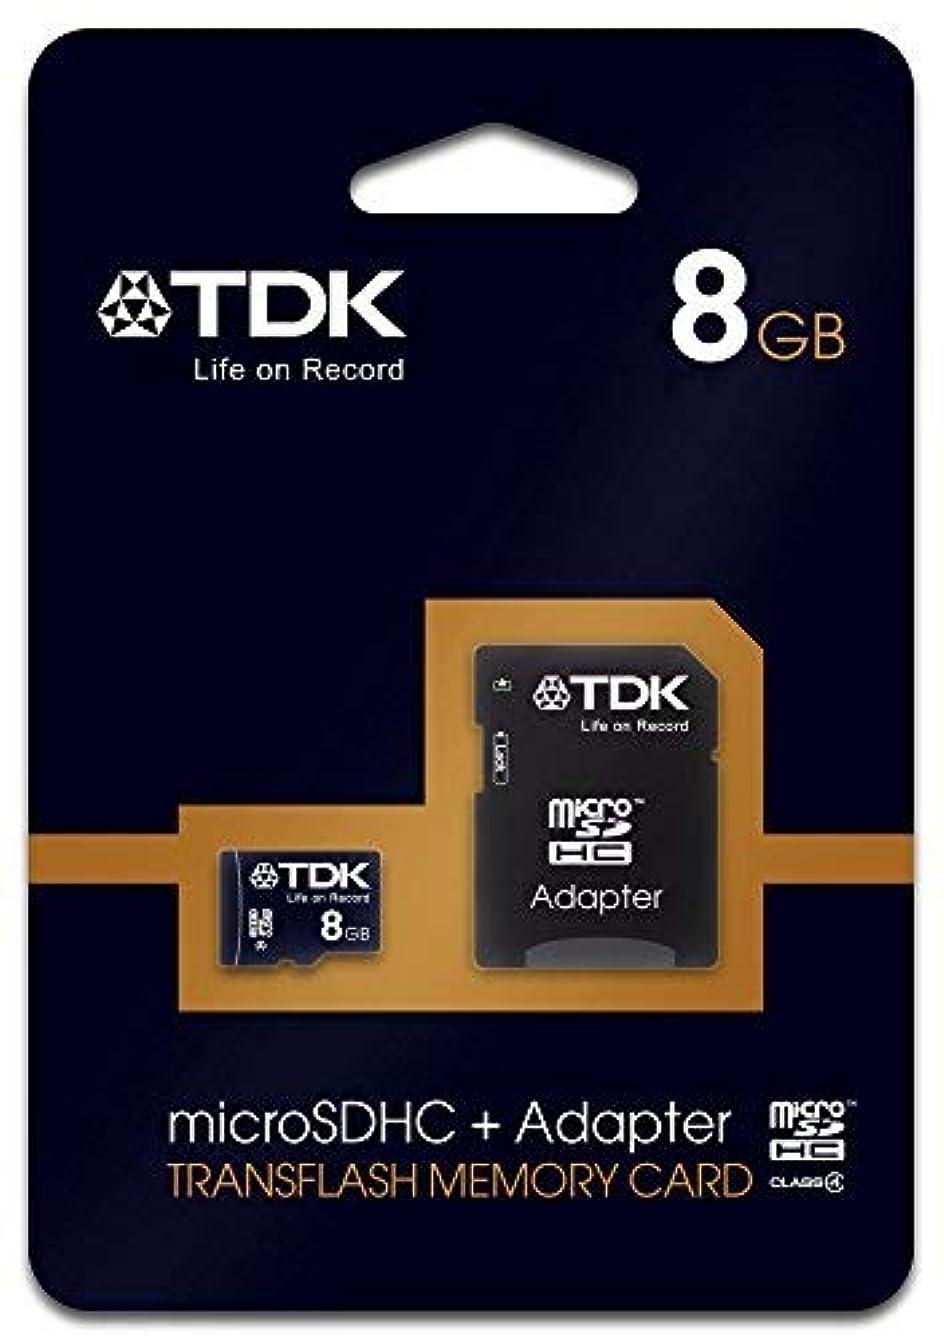 タクト外科医フリルTdk 78537 8GB Class 4 Micro SDHC With Adapter Memory Card [並行輸入品]